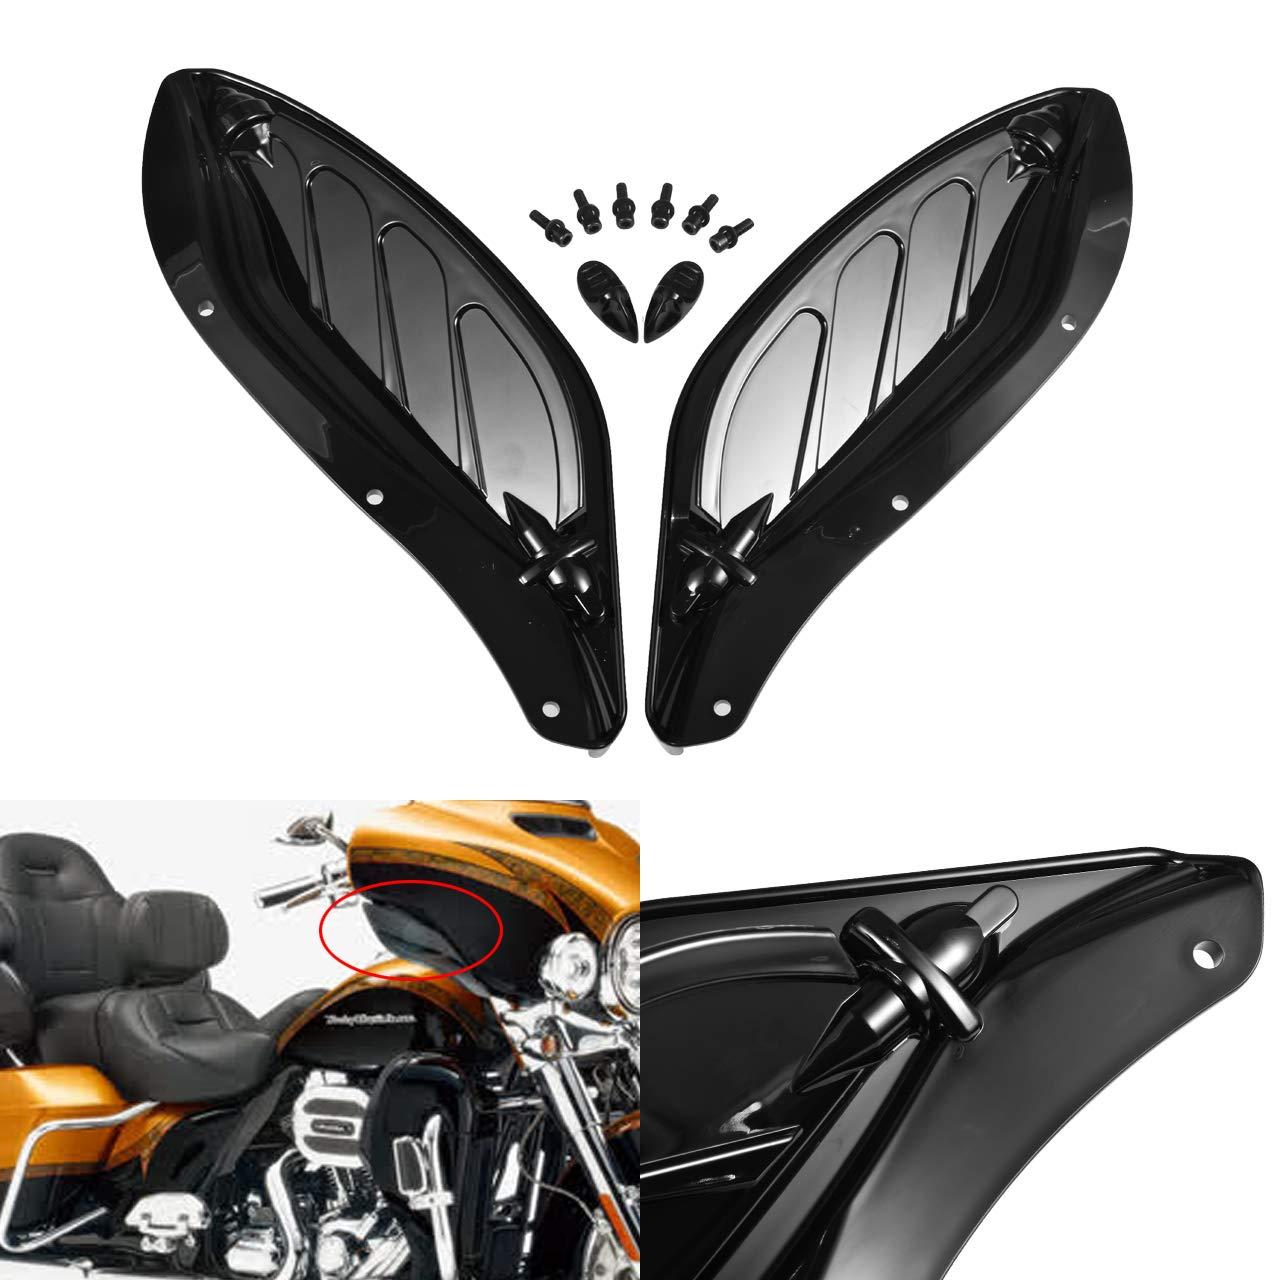 NATGIC Deflettore dAria Laterale per Moto New-Black in plastica ABS per Harley Touring 96-13 Regolabile